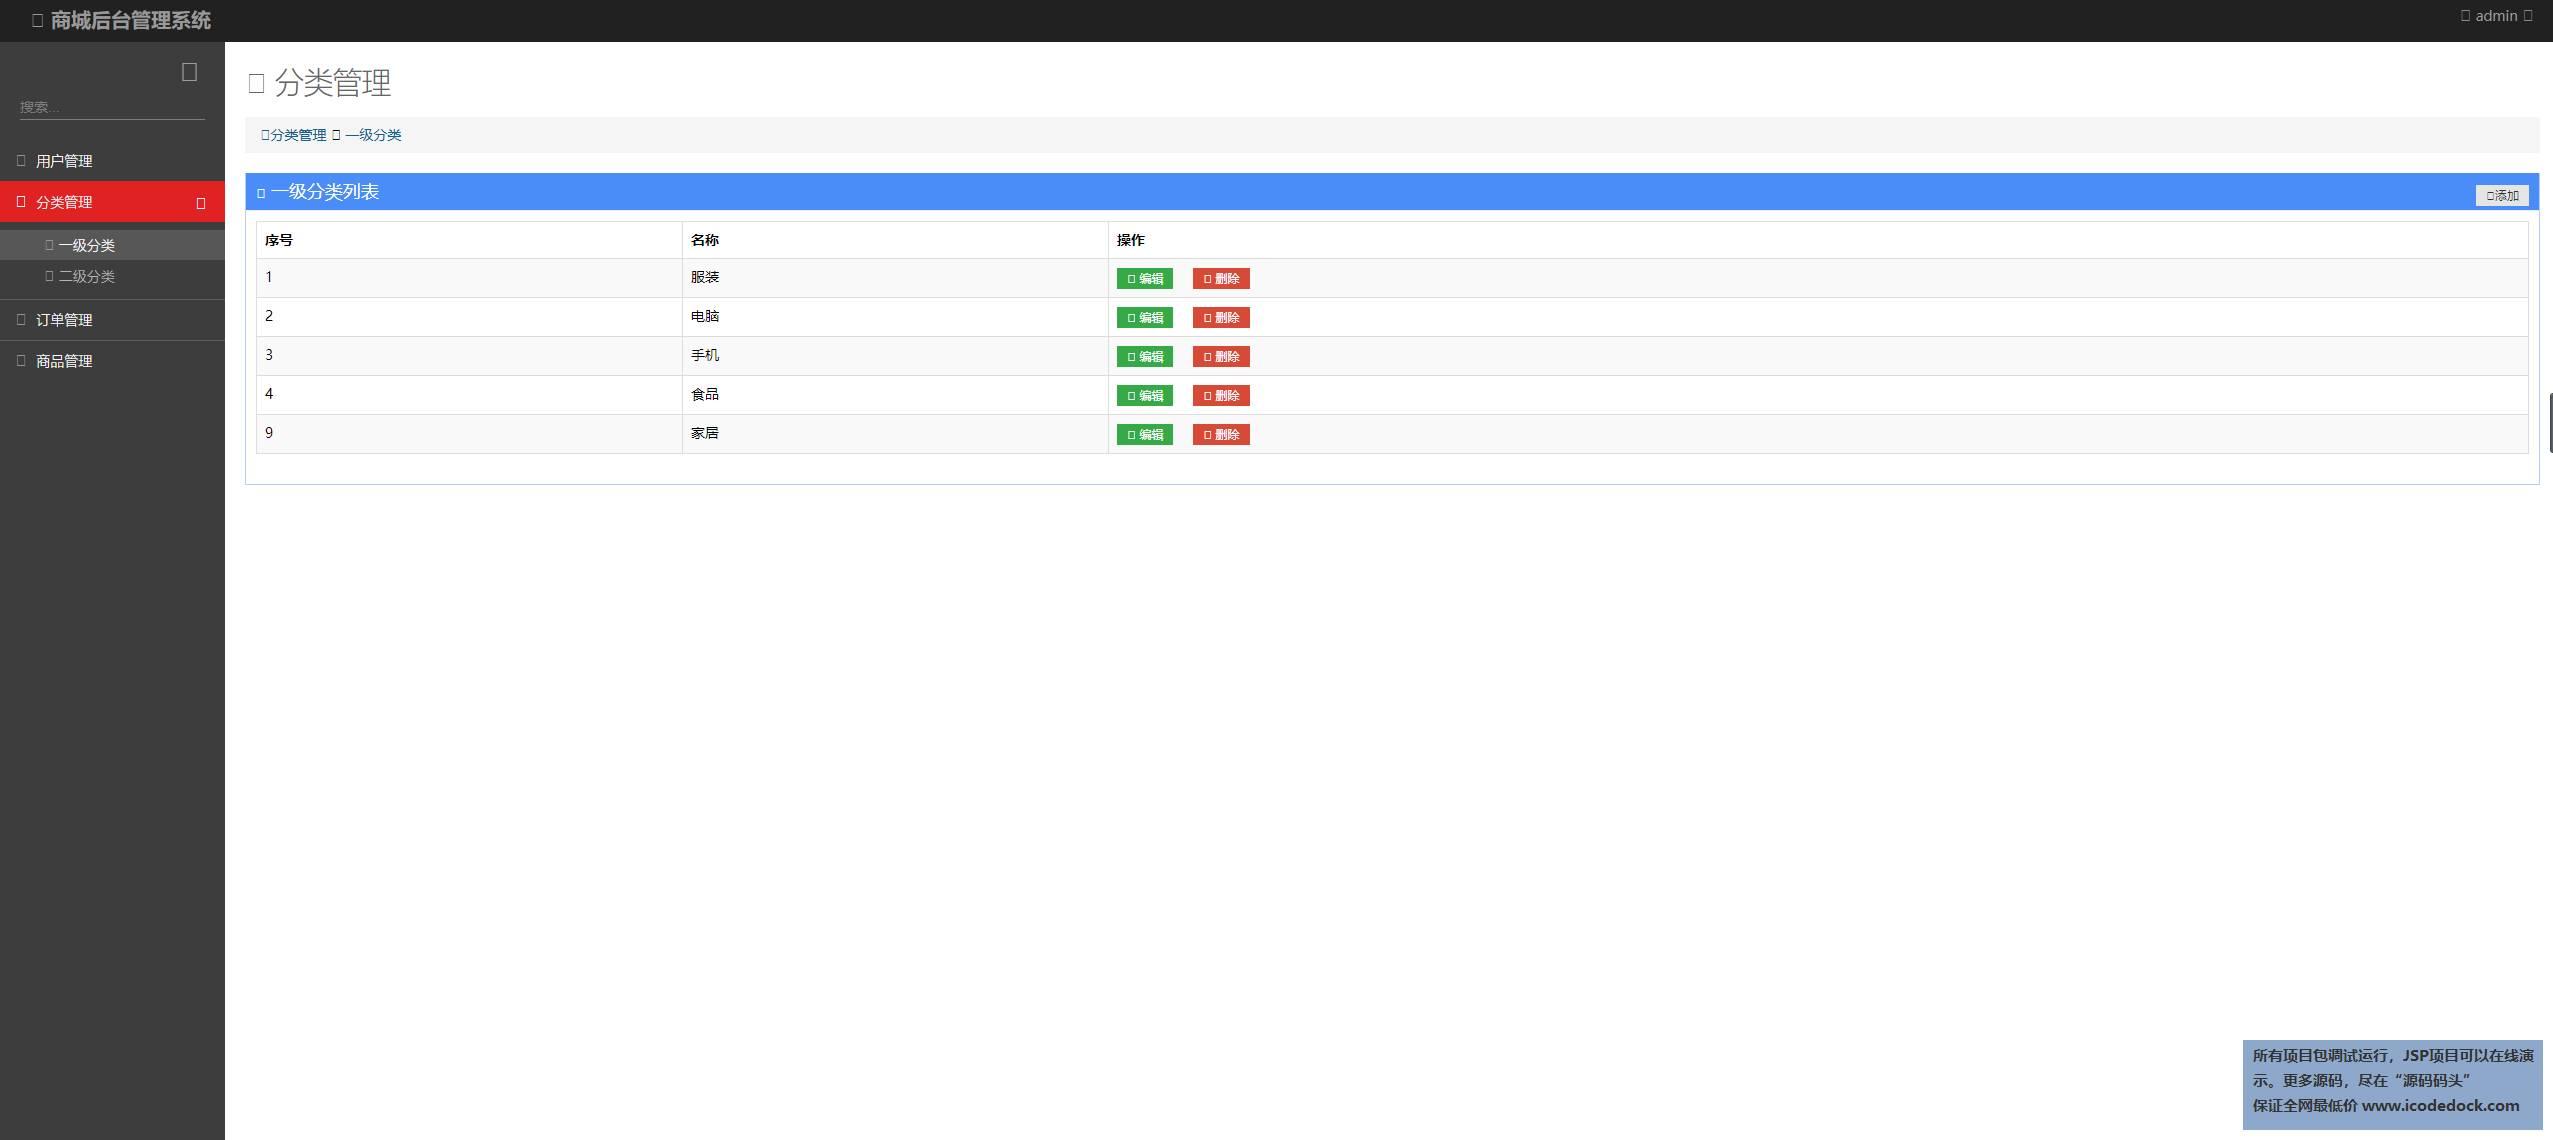 源码码头-SpringBoot在线电子商城管理系统-管理员角色-商城类别增删改查